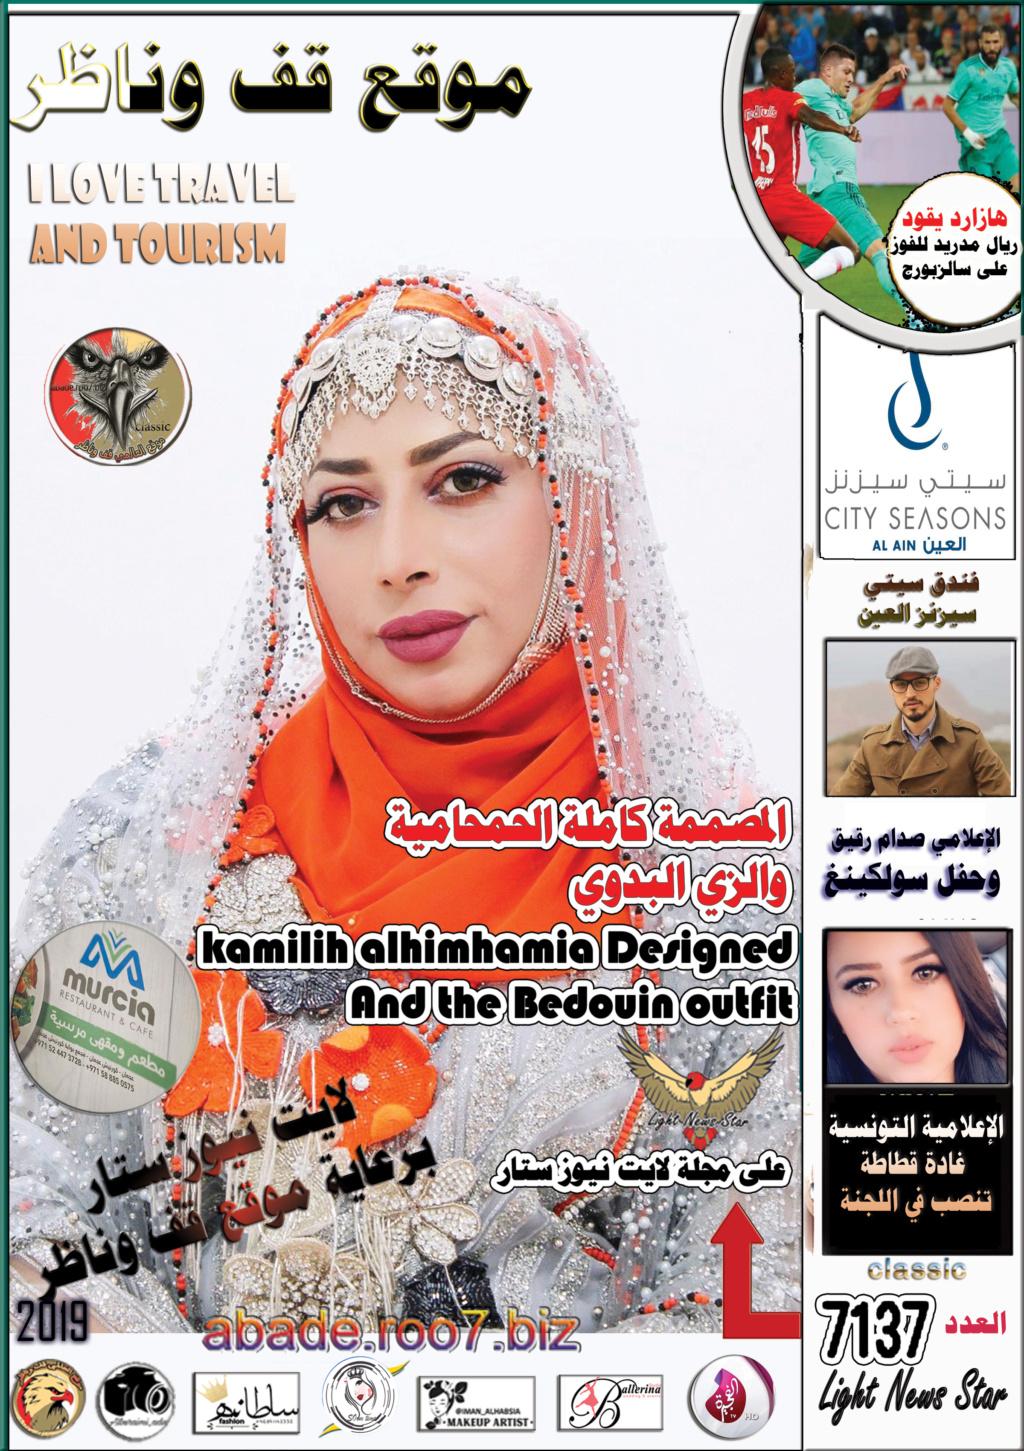 أخبار نجوم الفن والمشاهير موقع قف وناظر من المصدرالمصممة كاملة الحمحامية  والزي البدوي Aaa13